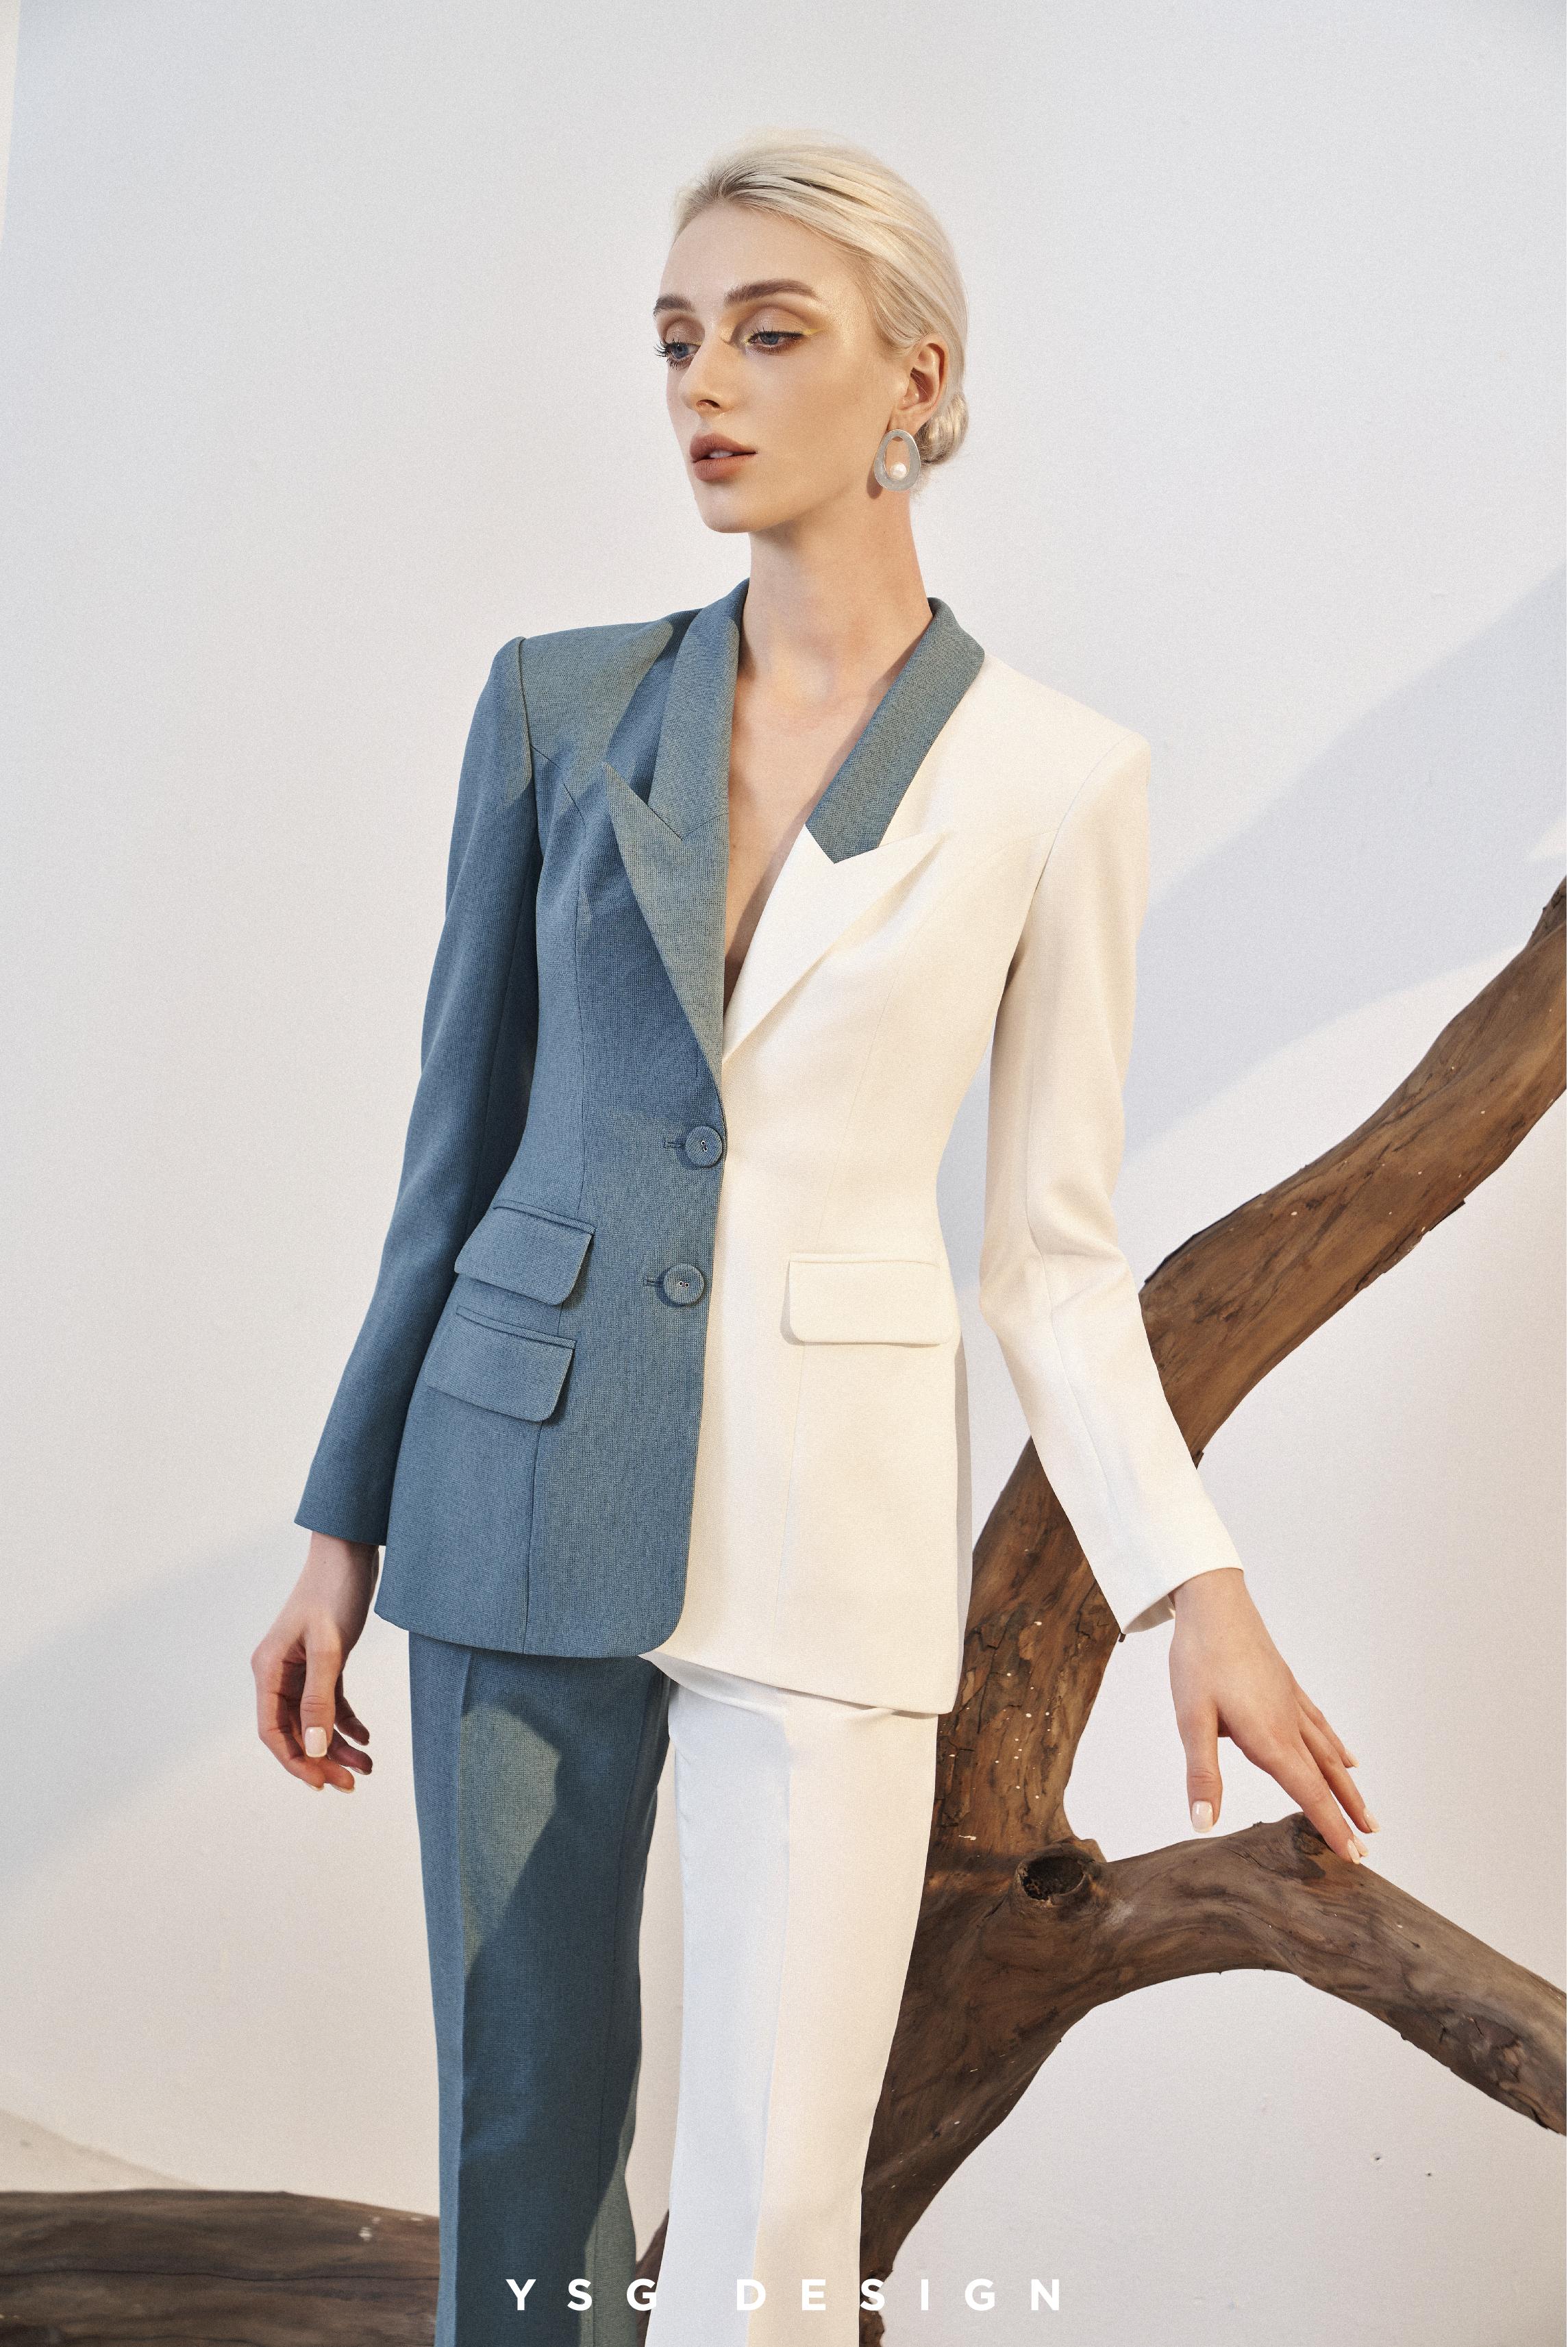 Các thiết kế mới trong bộ sưu tập Cinque Terre mang đến sự trẻ trung, phóng khoáng và tiện lợi, đồng thời kết hợp các chuyến công tác với nghỉ ngơi qua những chi tiết nhỏ, từ túi xách, giày, trang sức đến khăn choàng...